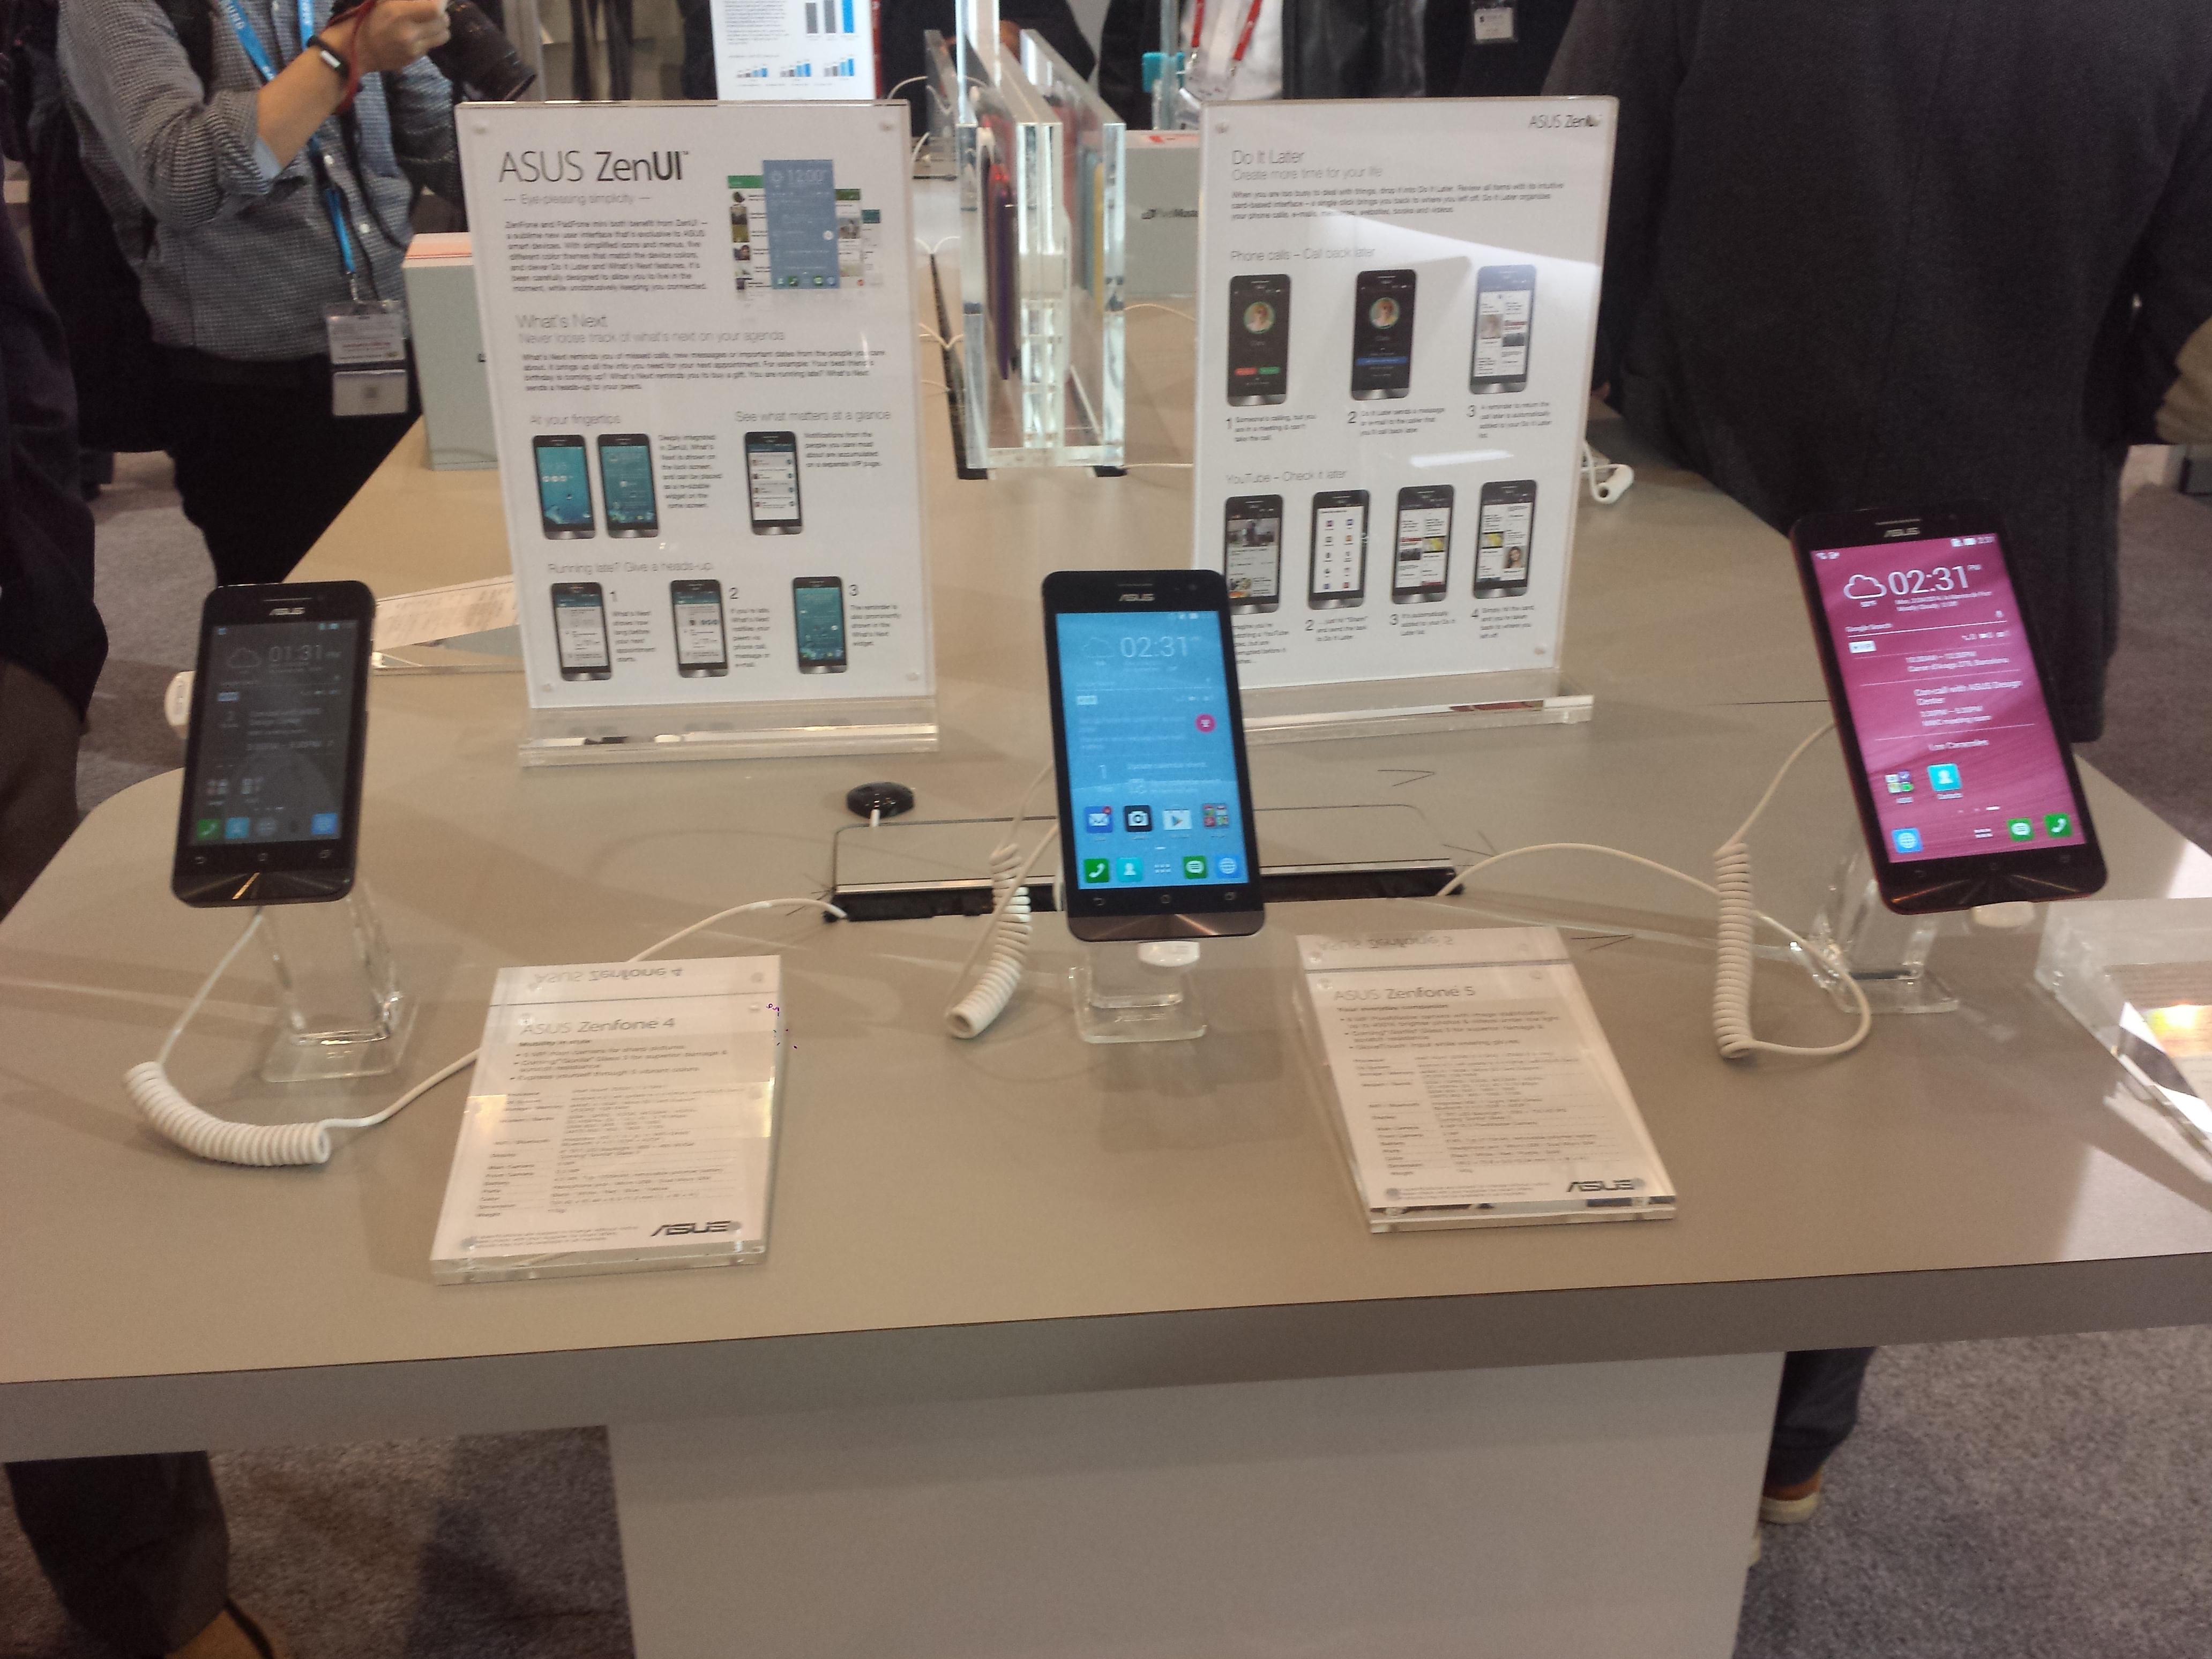 Vediamo i dispositivi presentati da Asus in questo MWC 2014